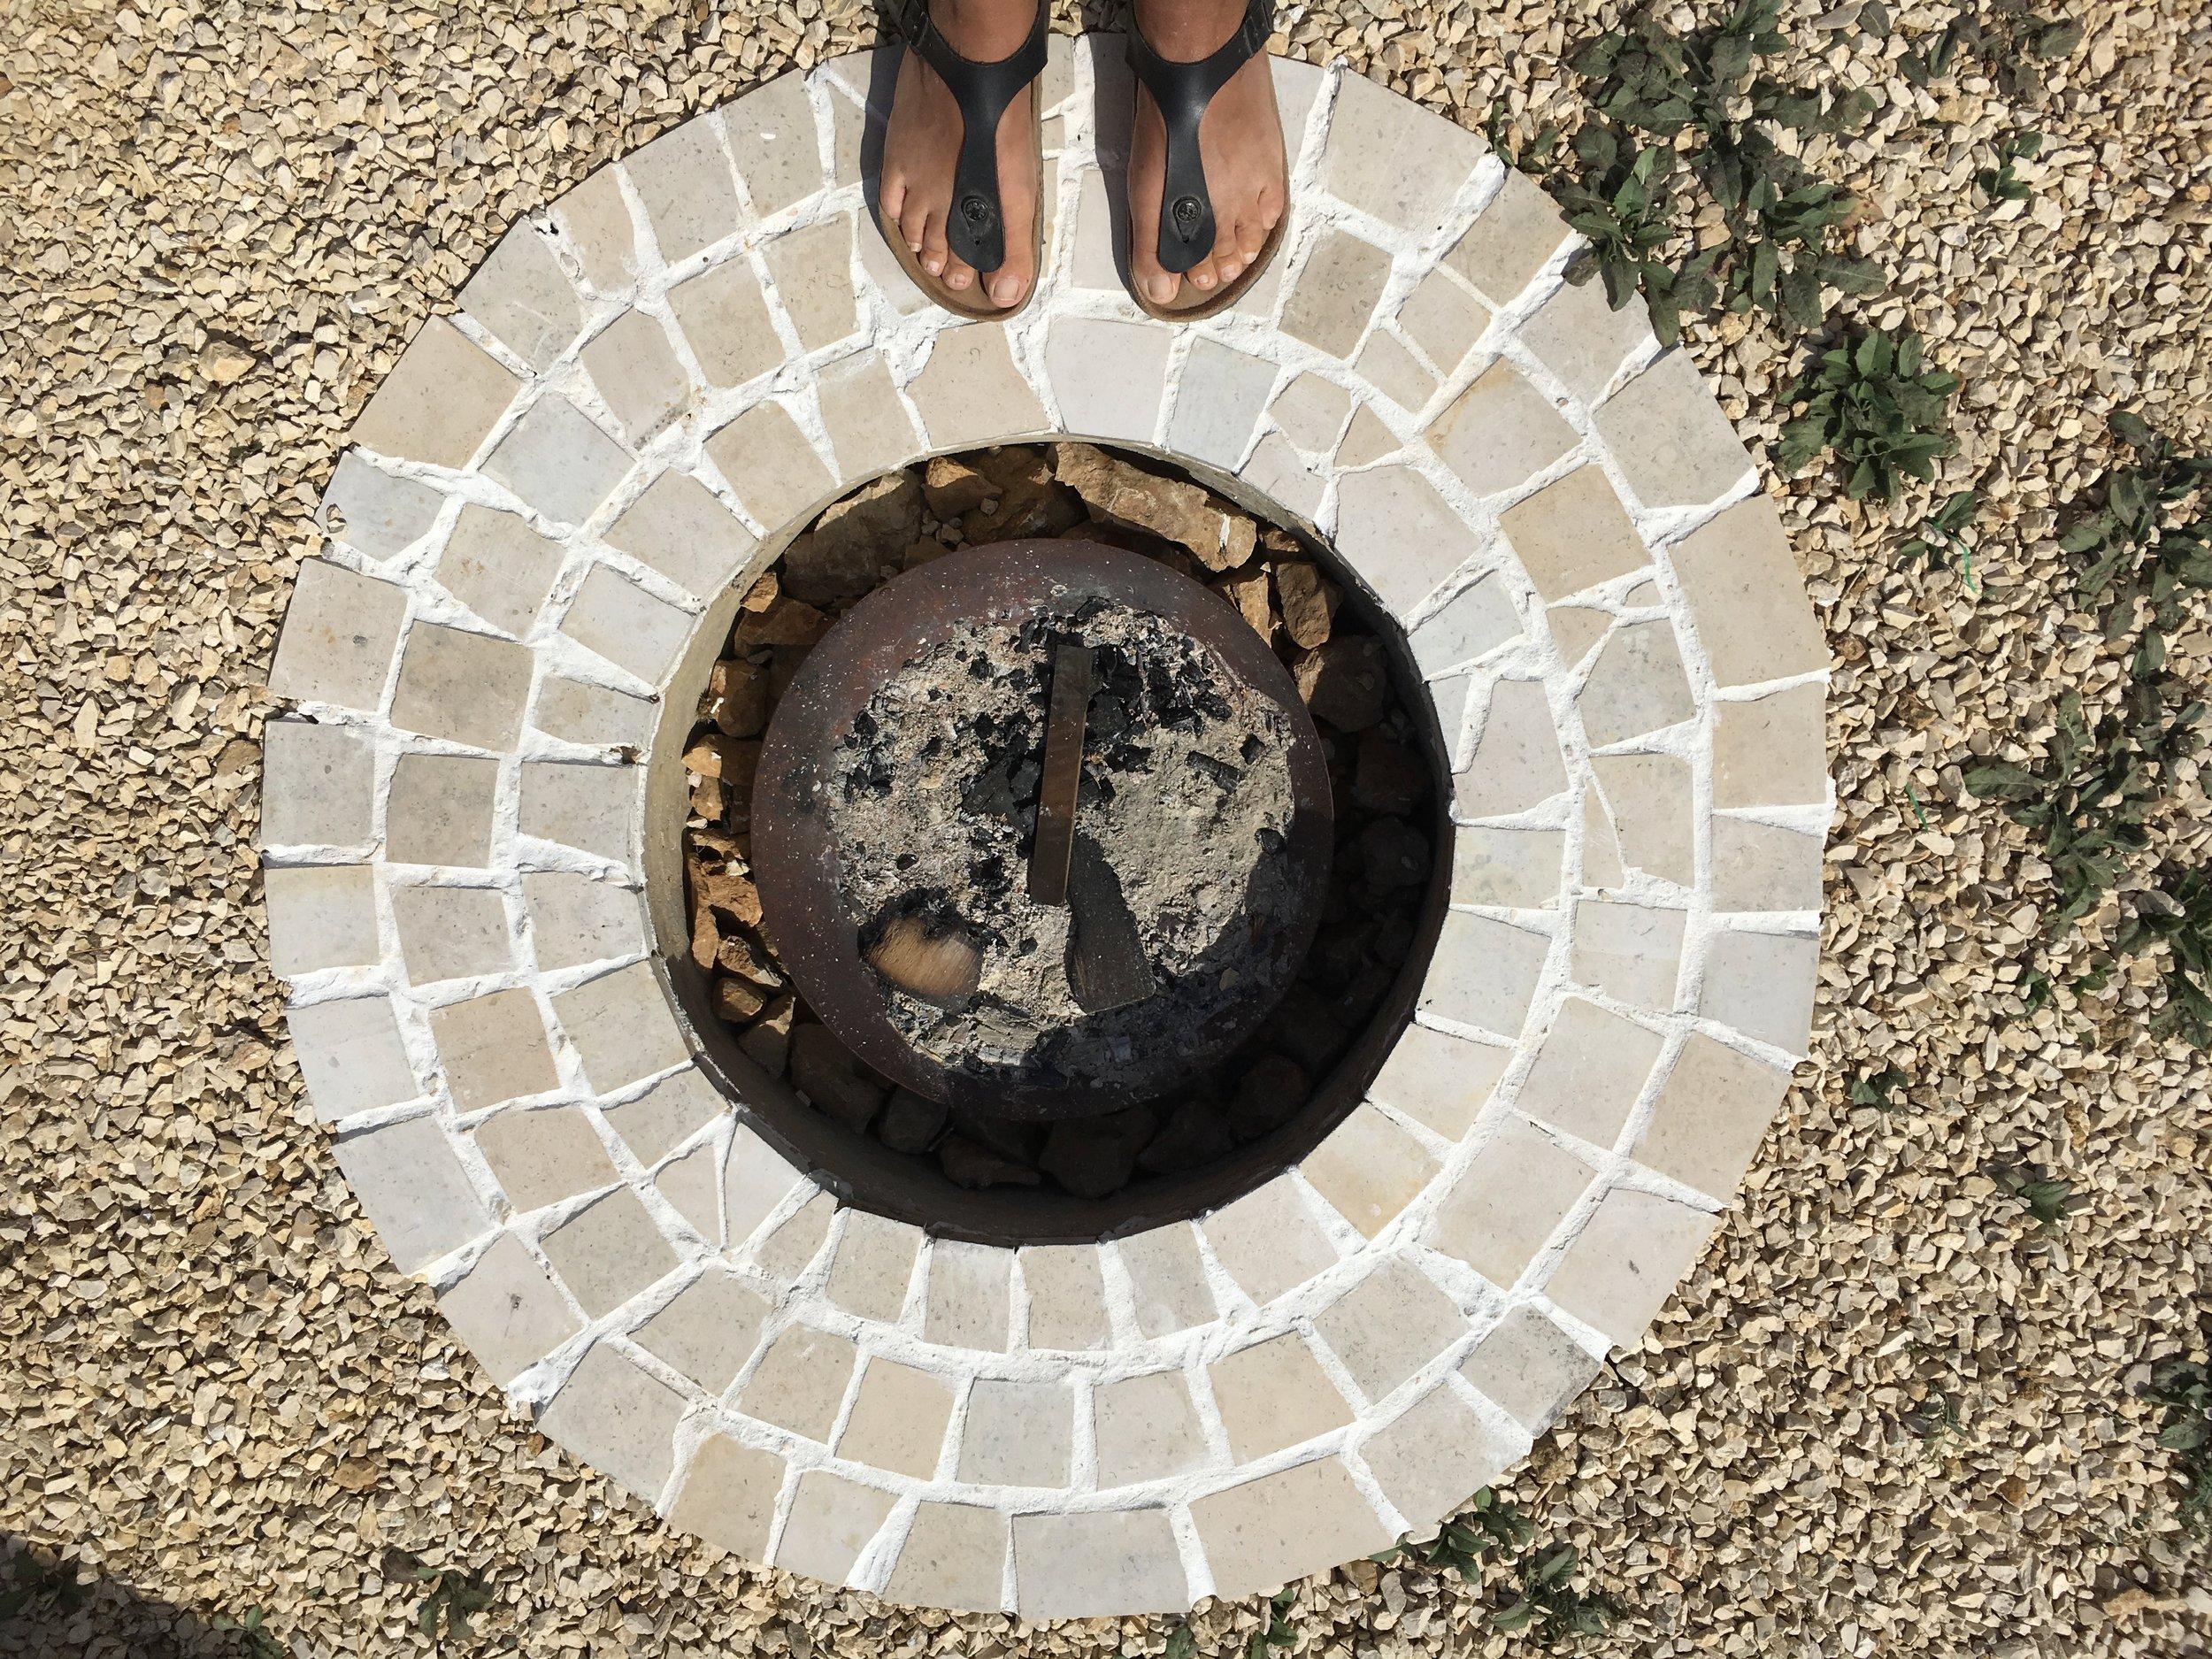 Art-cafe-fire-pit-mosaic.jpg